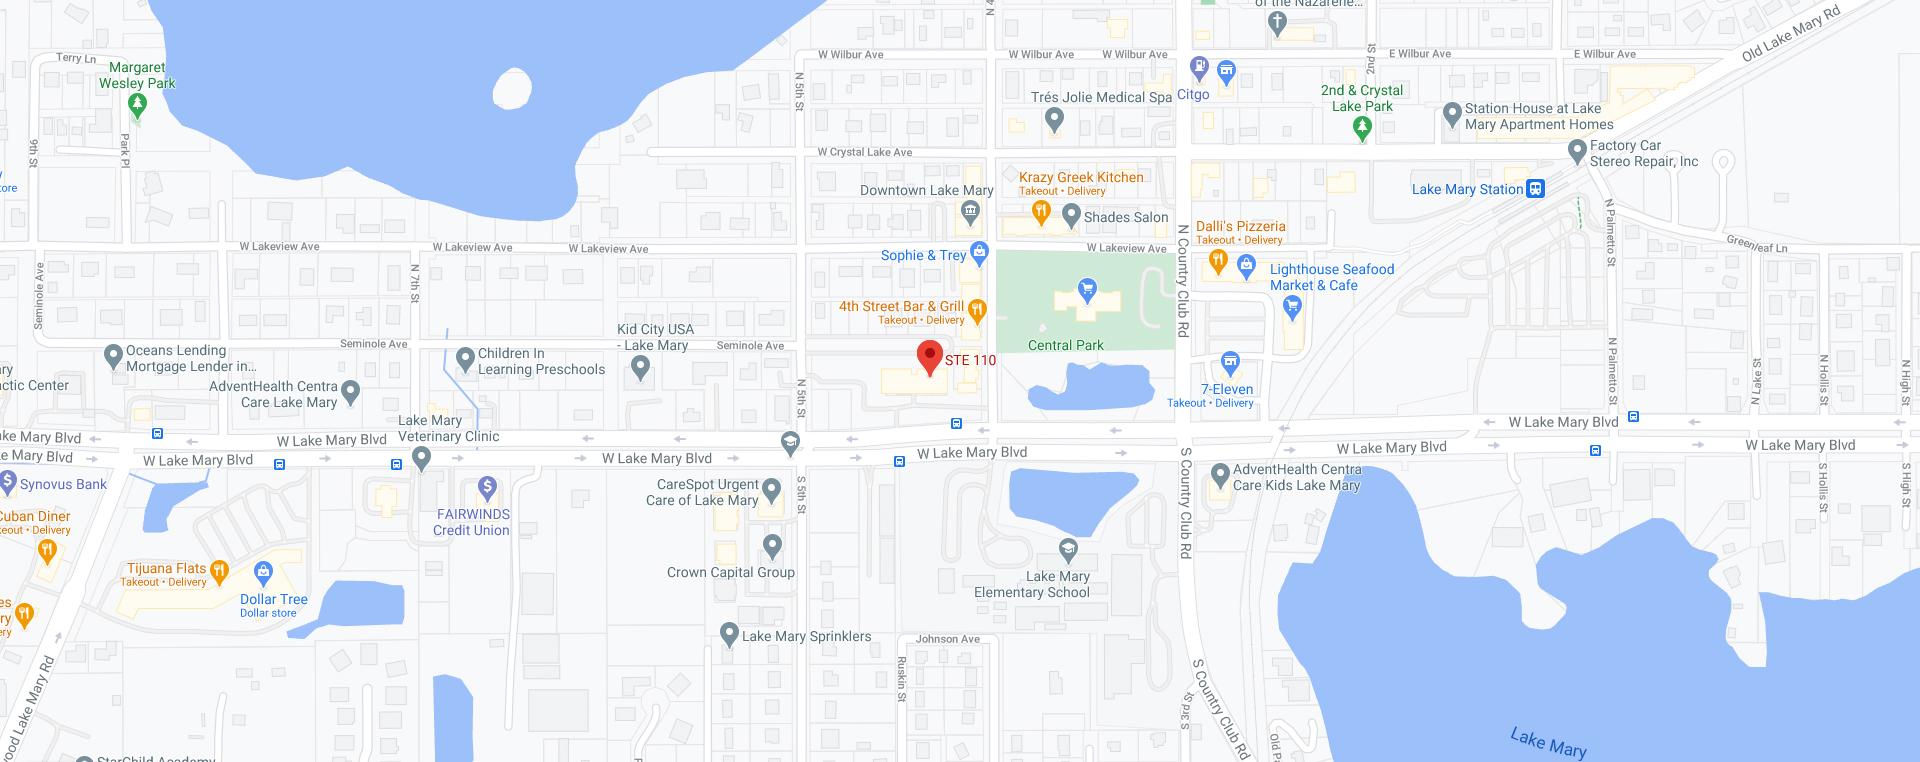 Lake Mary, FL Location